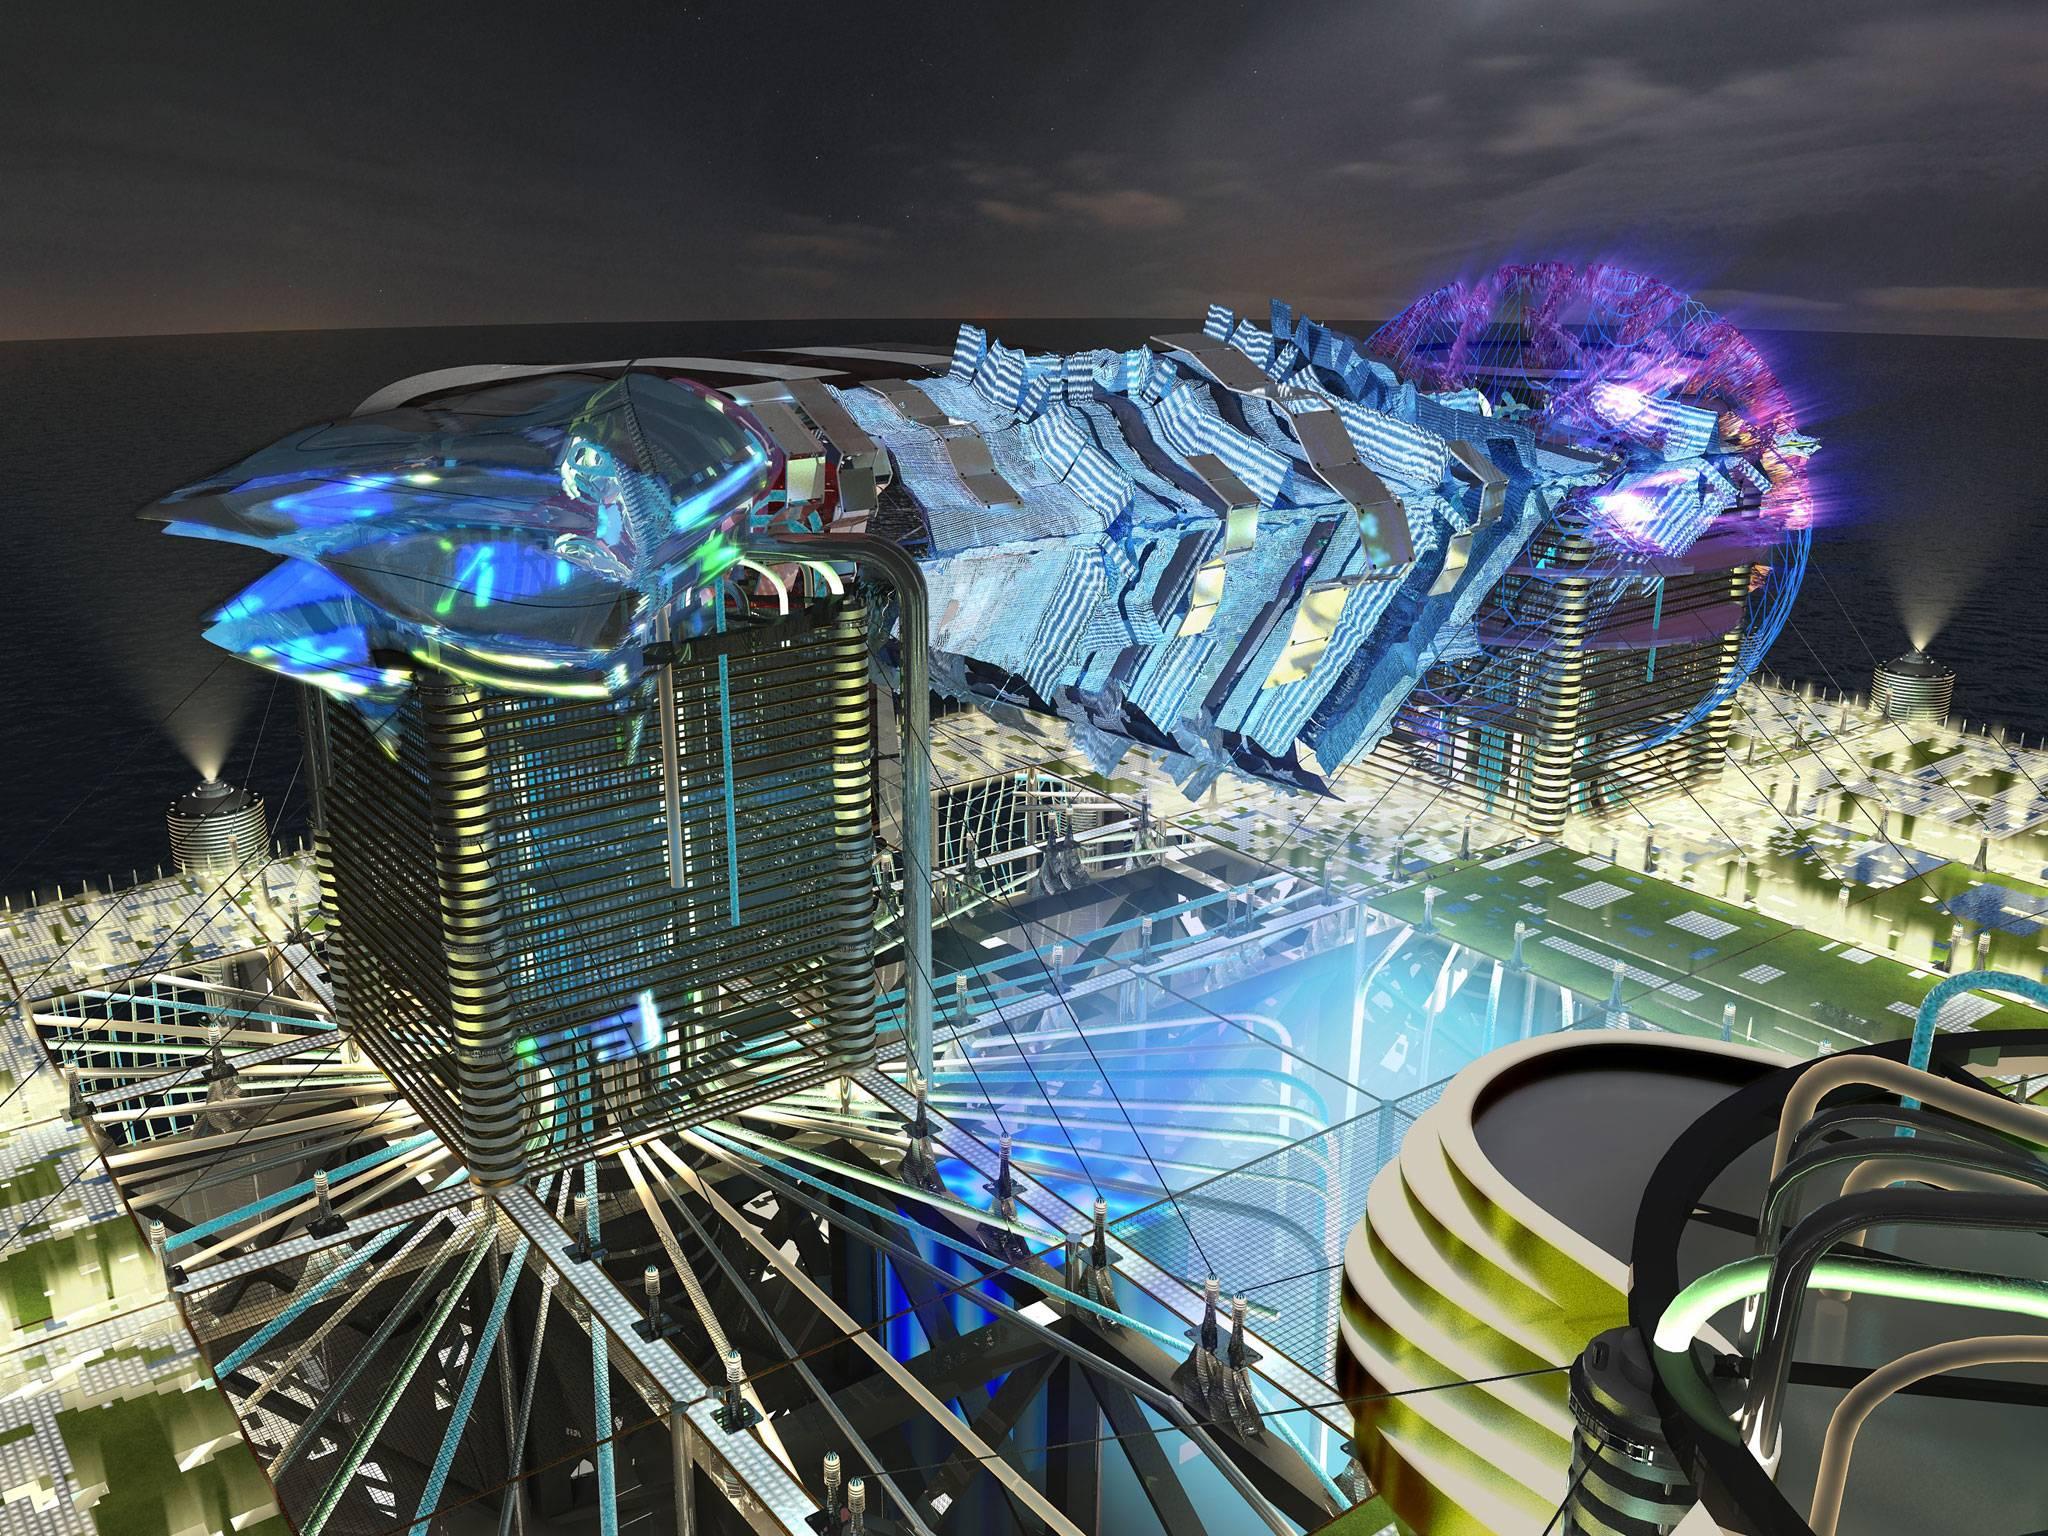 Ciudad flotante4